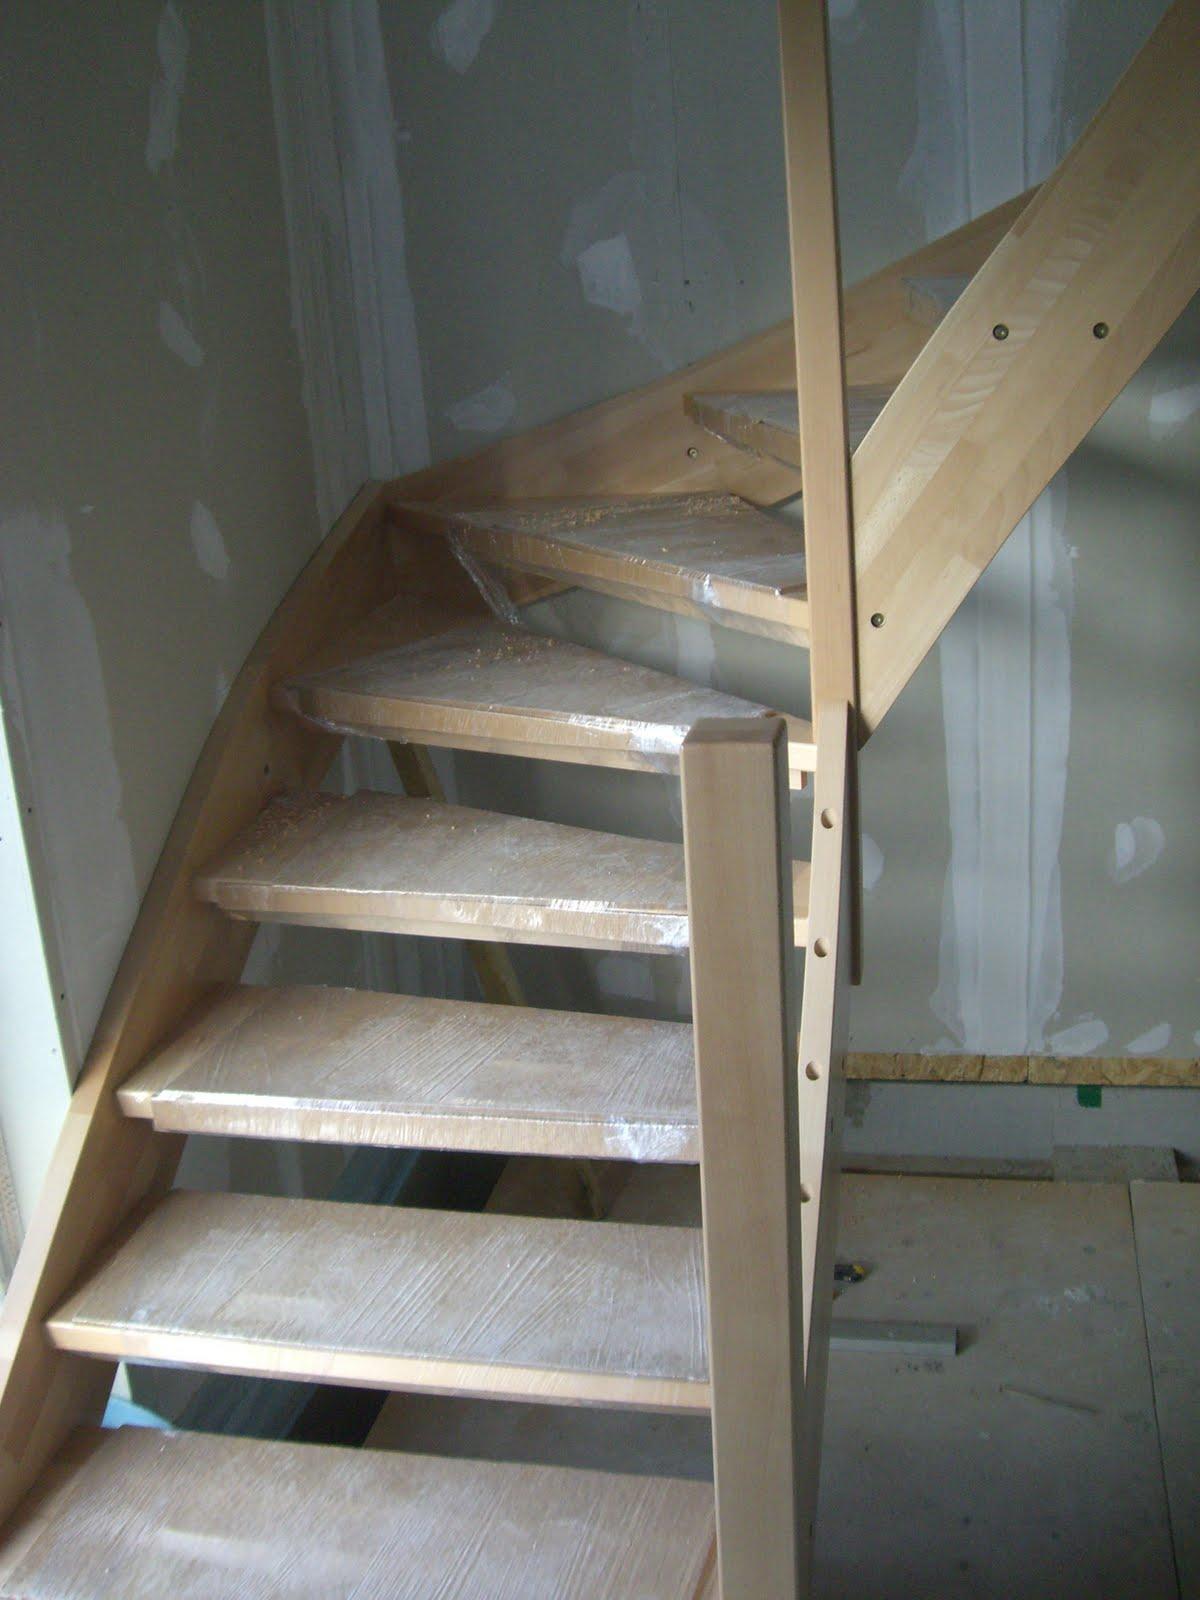 Treppen Ohne Geländer christian susi bauen ein haus mit danwood die treppe mit und ohne